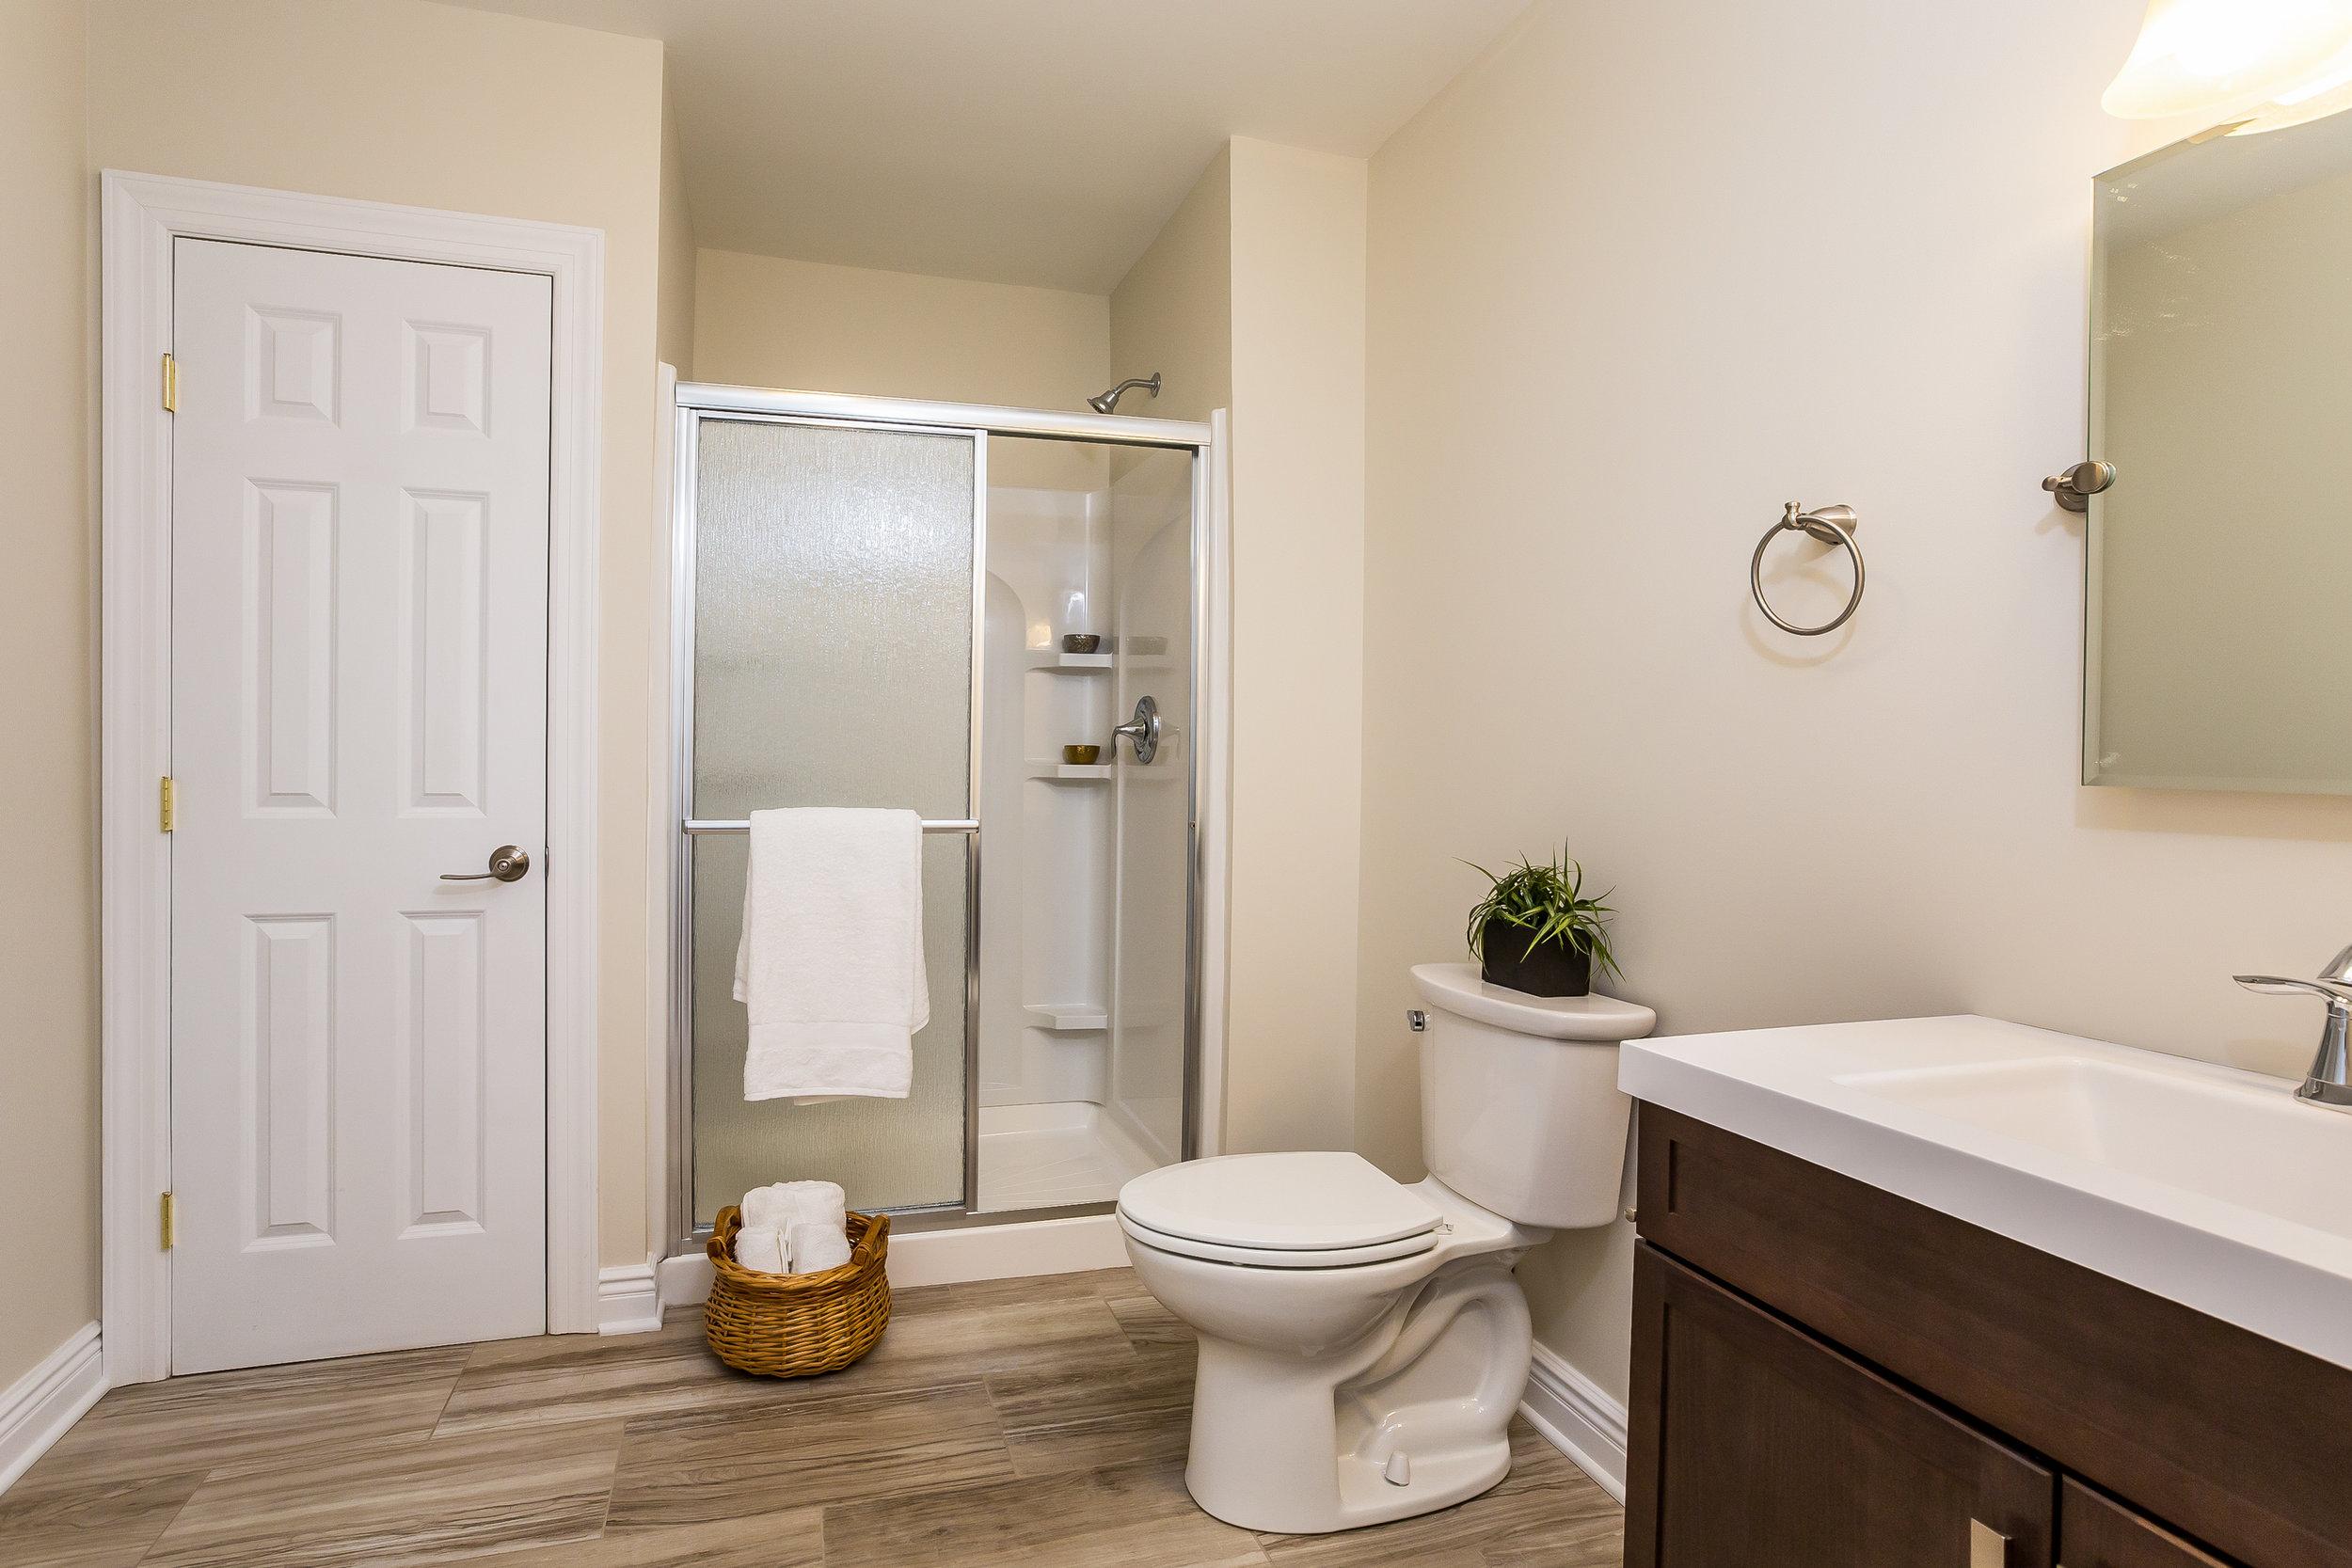 047-Master_Bathroom-3992690-large.jpg